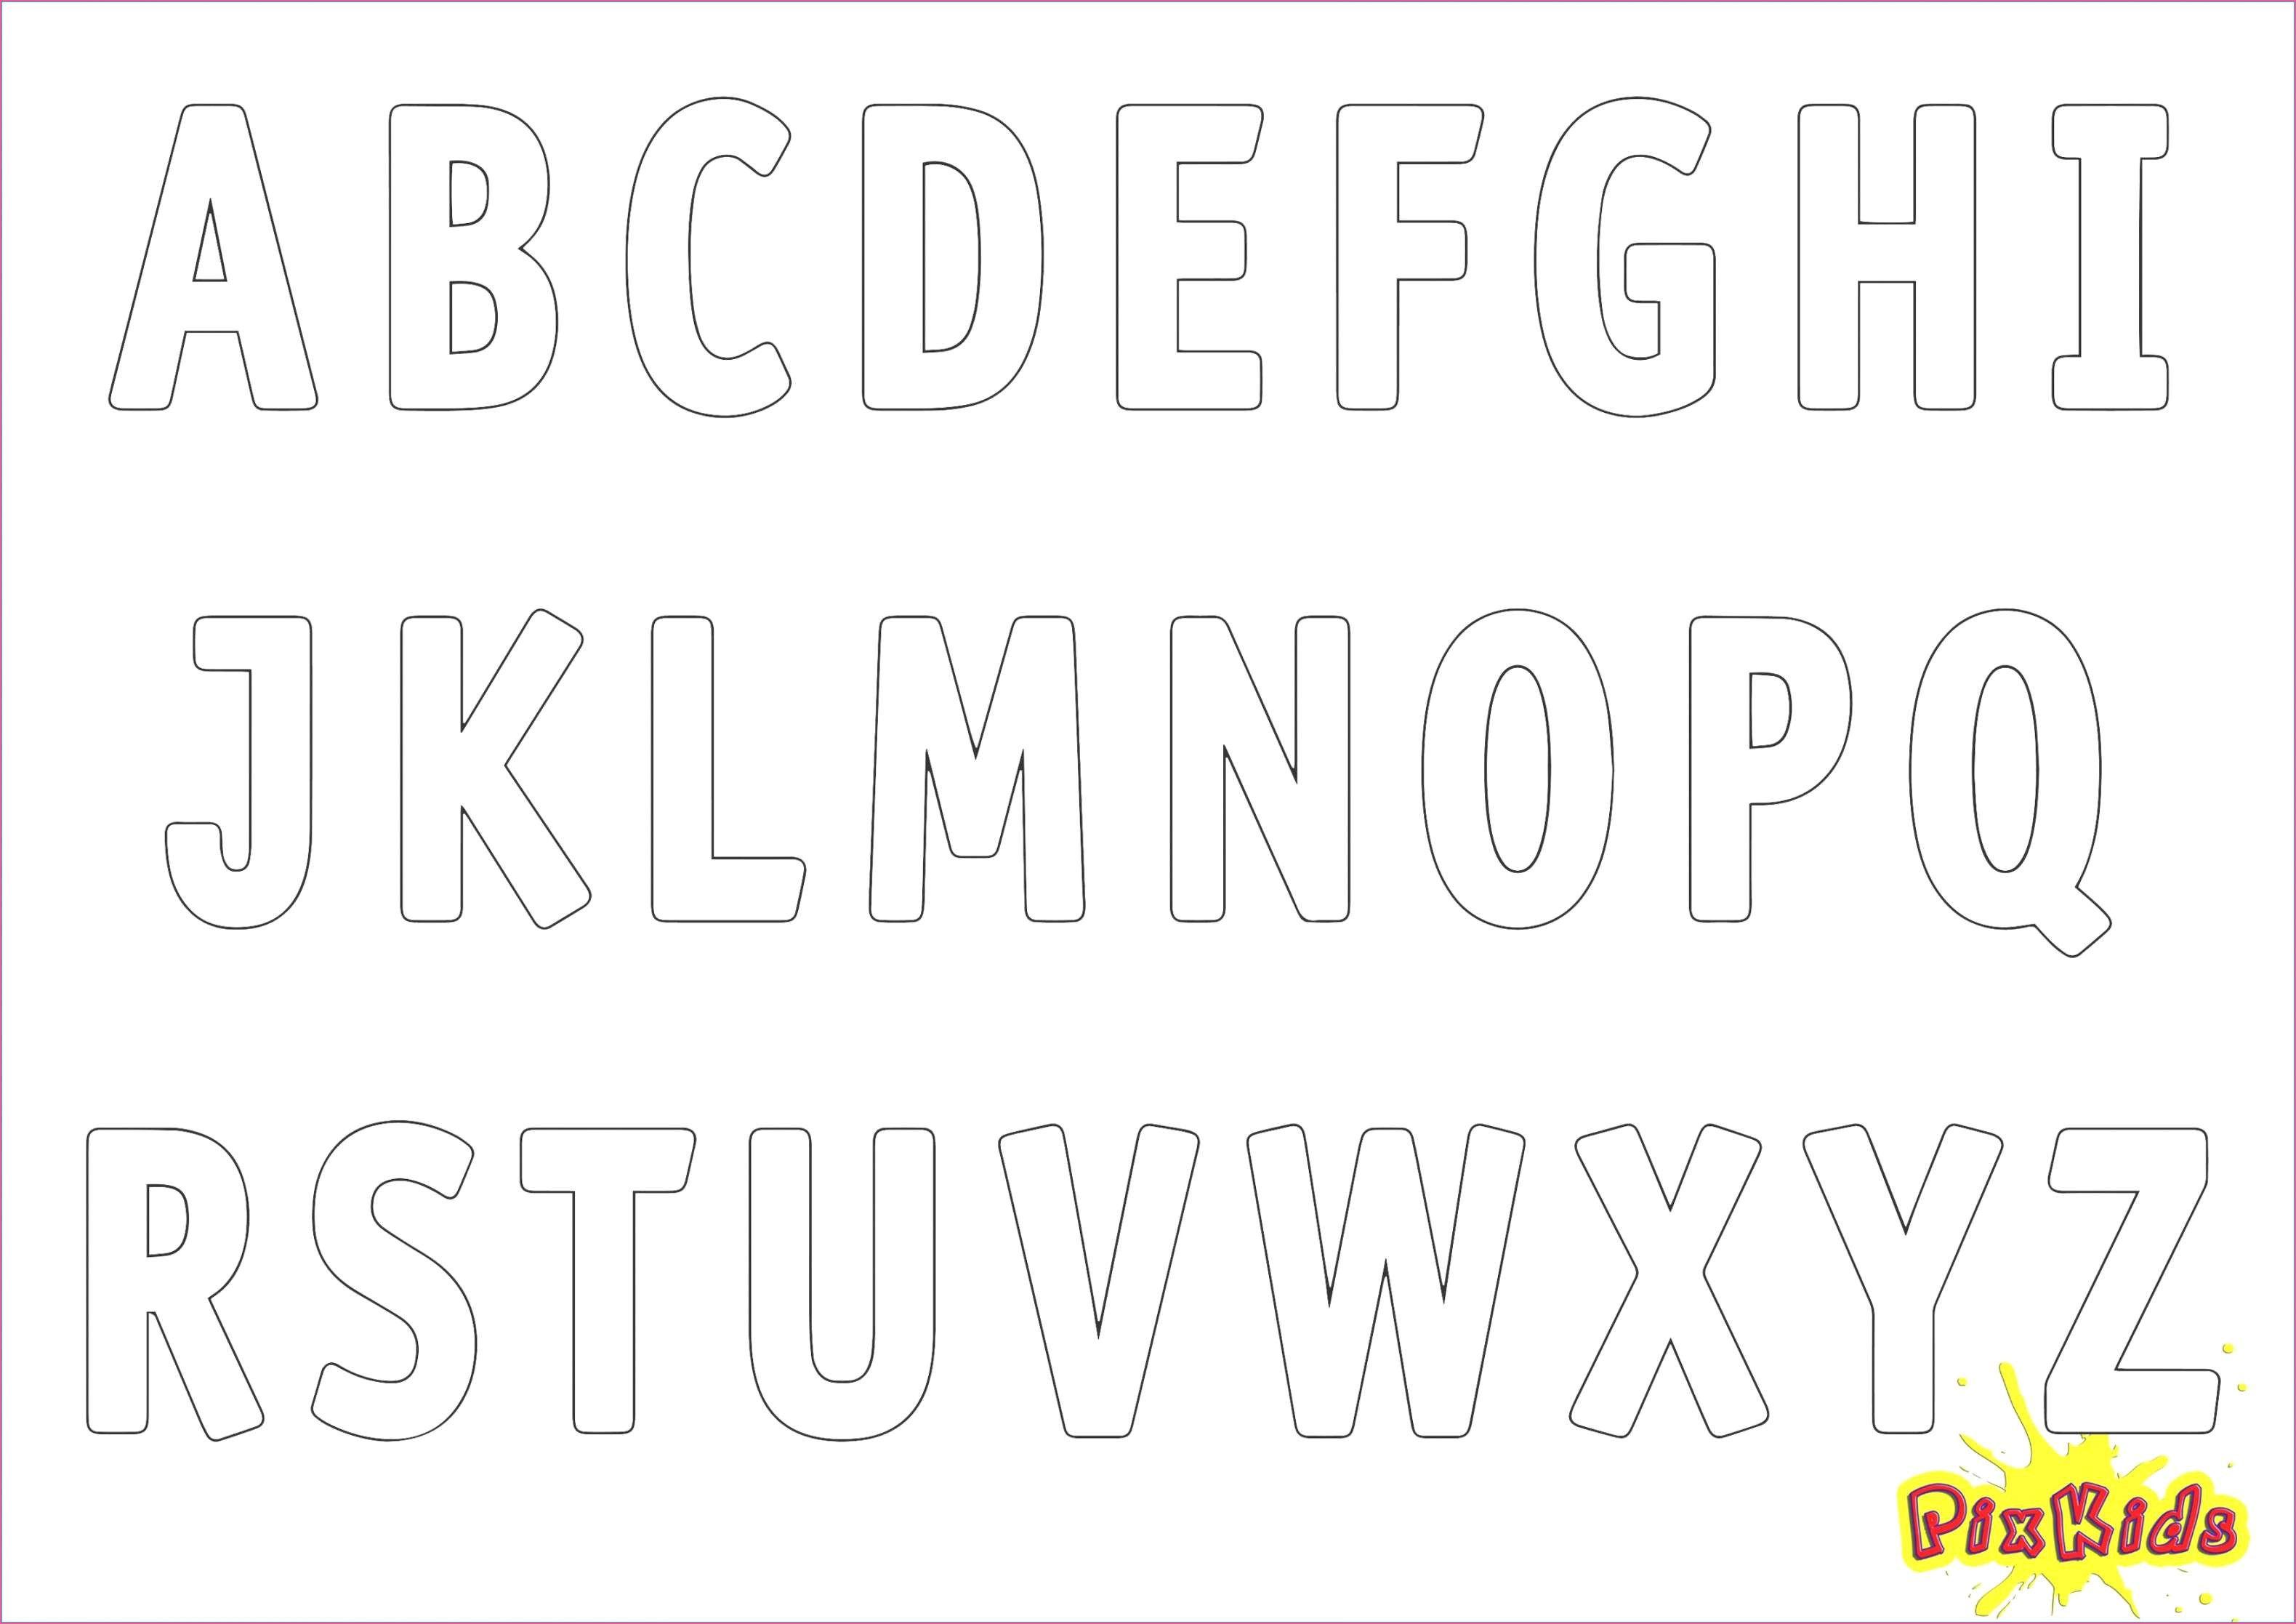 3d Buchstaben Vorlagen Kostenlos In 2020 Buchstaben Vorlagen Zum Ausdrucken Buchstaben Vorlagen Ausmalbilder Zum Ausdrucken